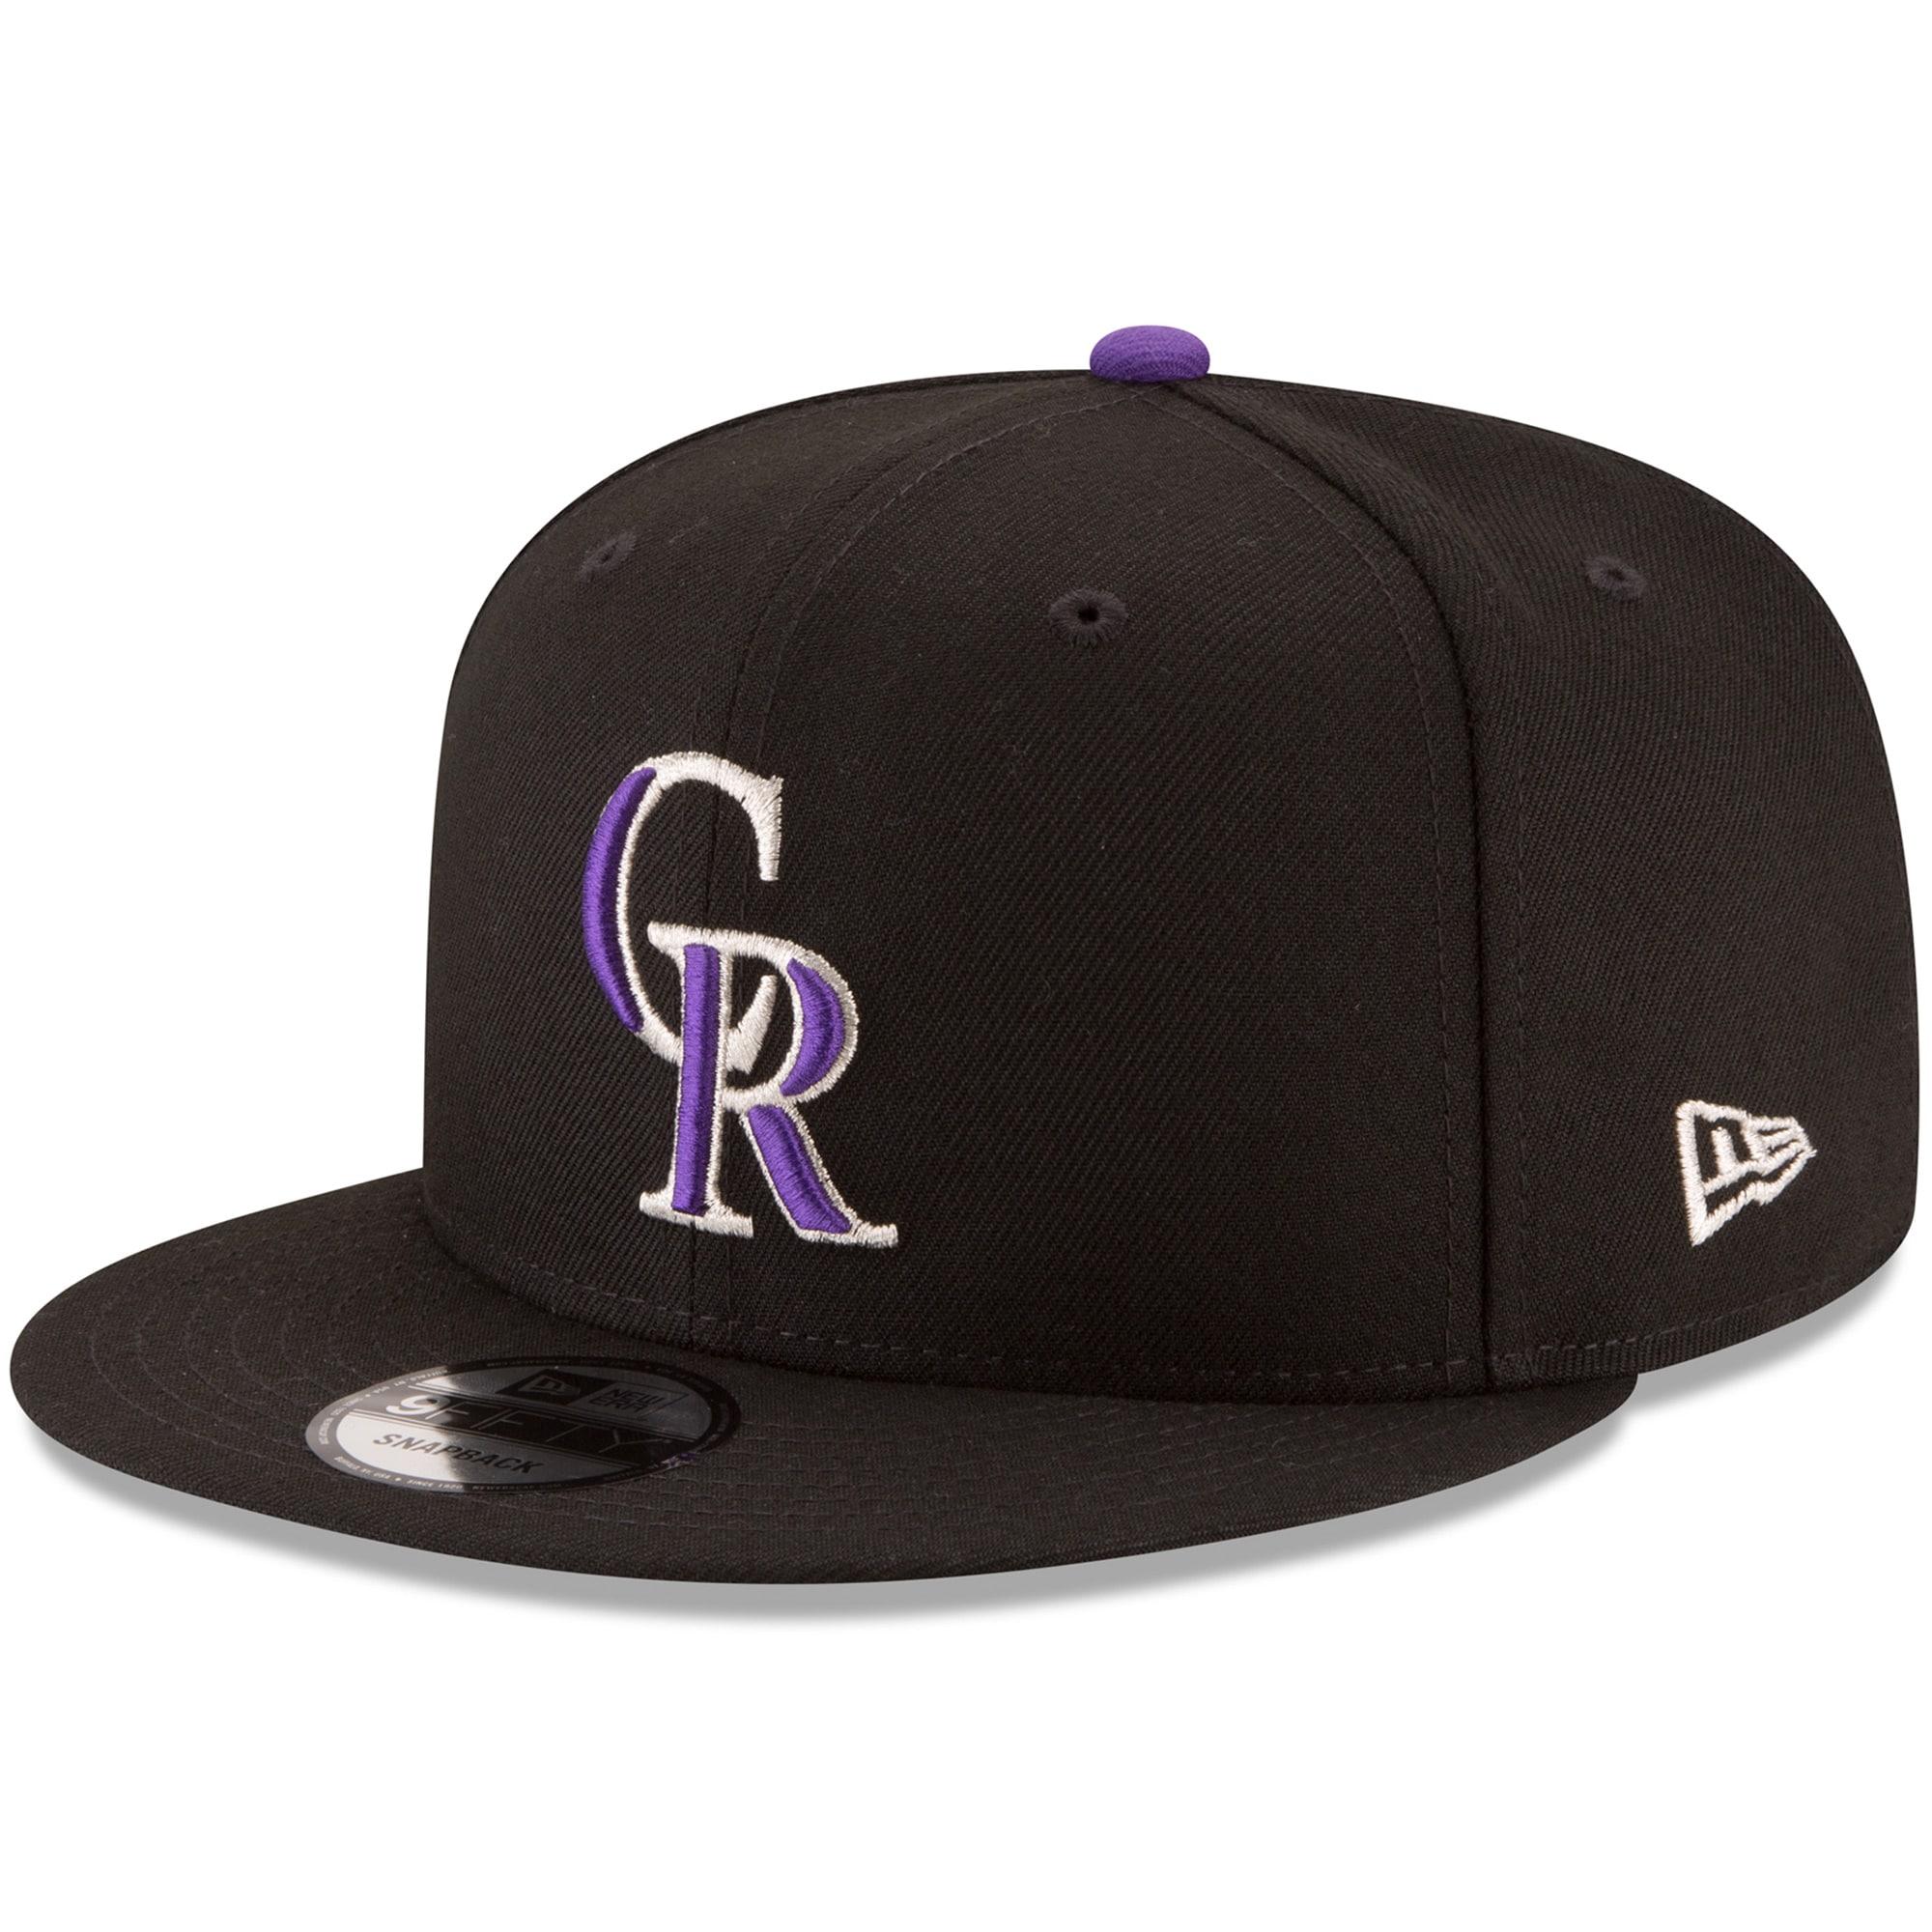 Colorado Rockies New Era Team Color 9FIFTY Snapback Hat - Black